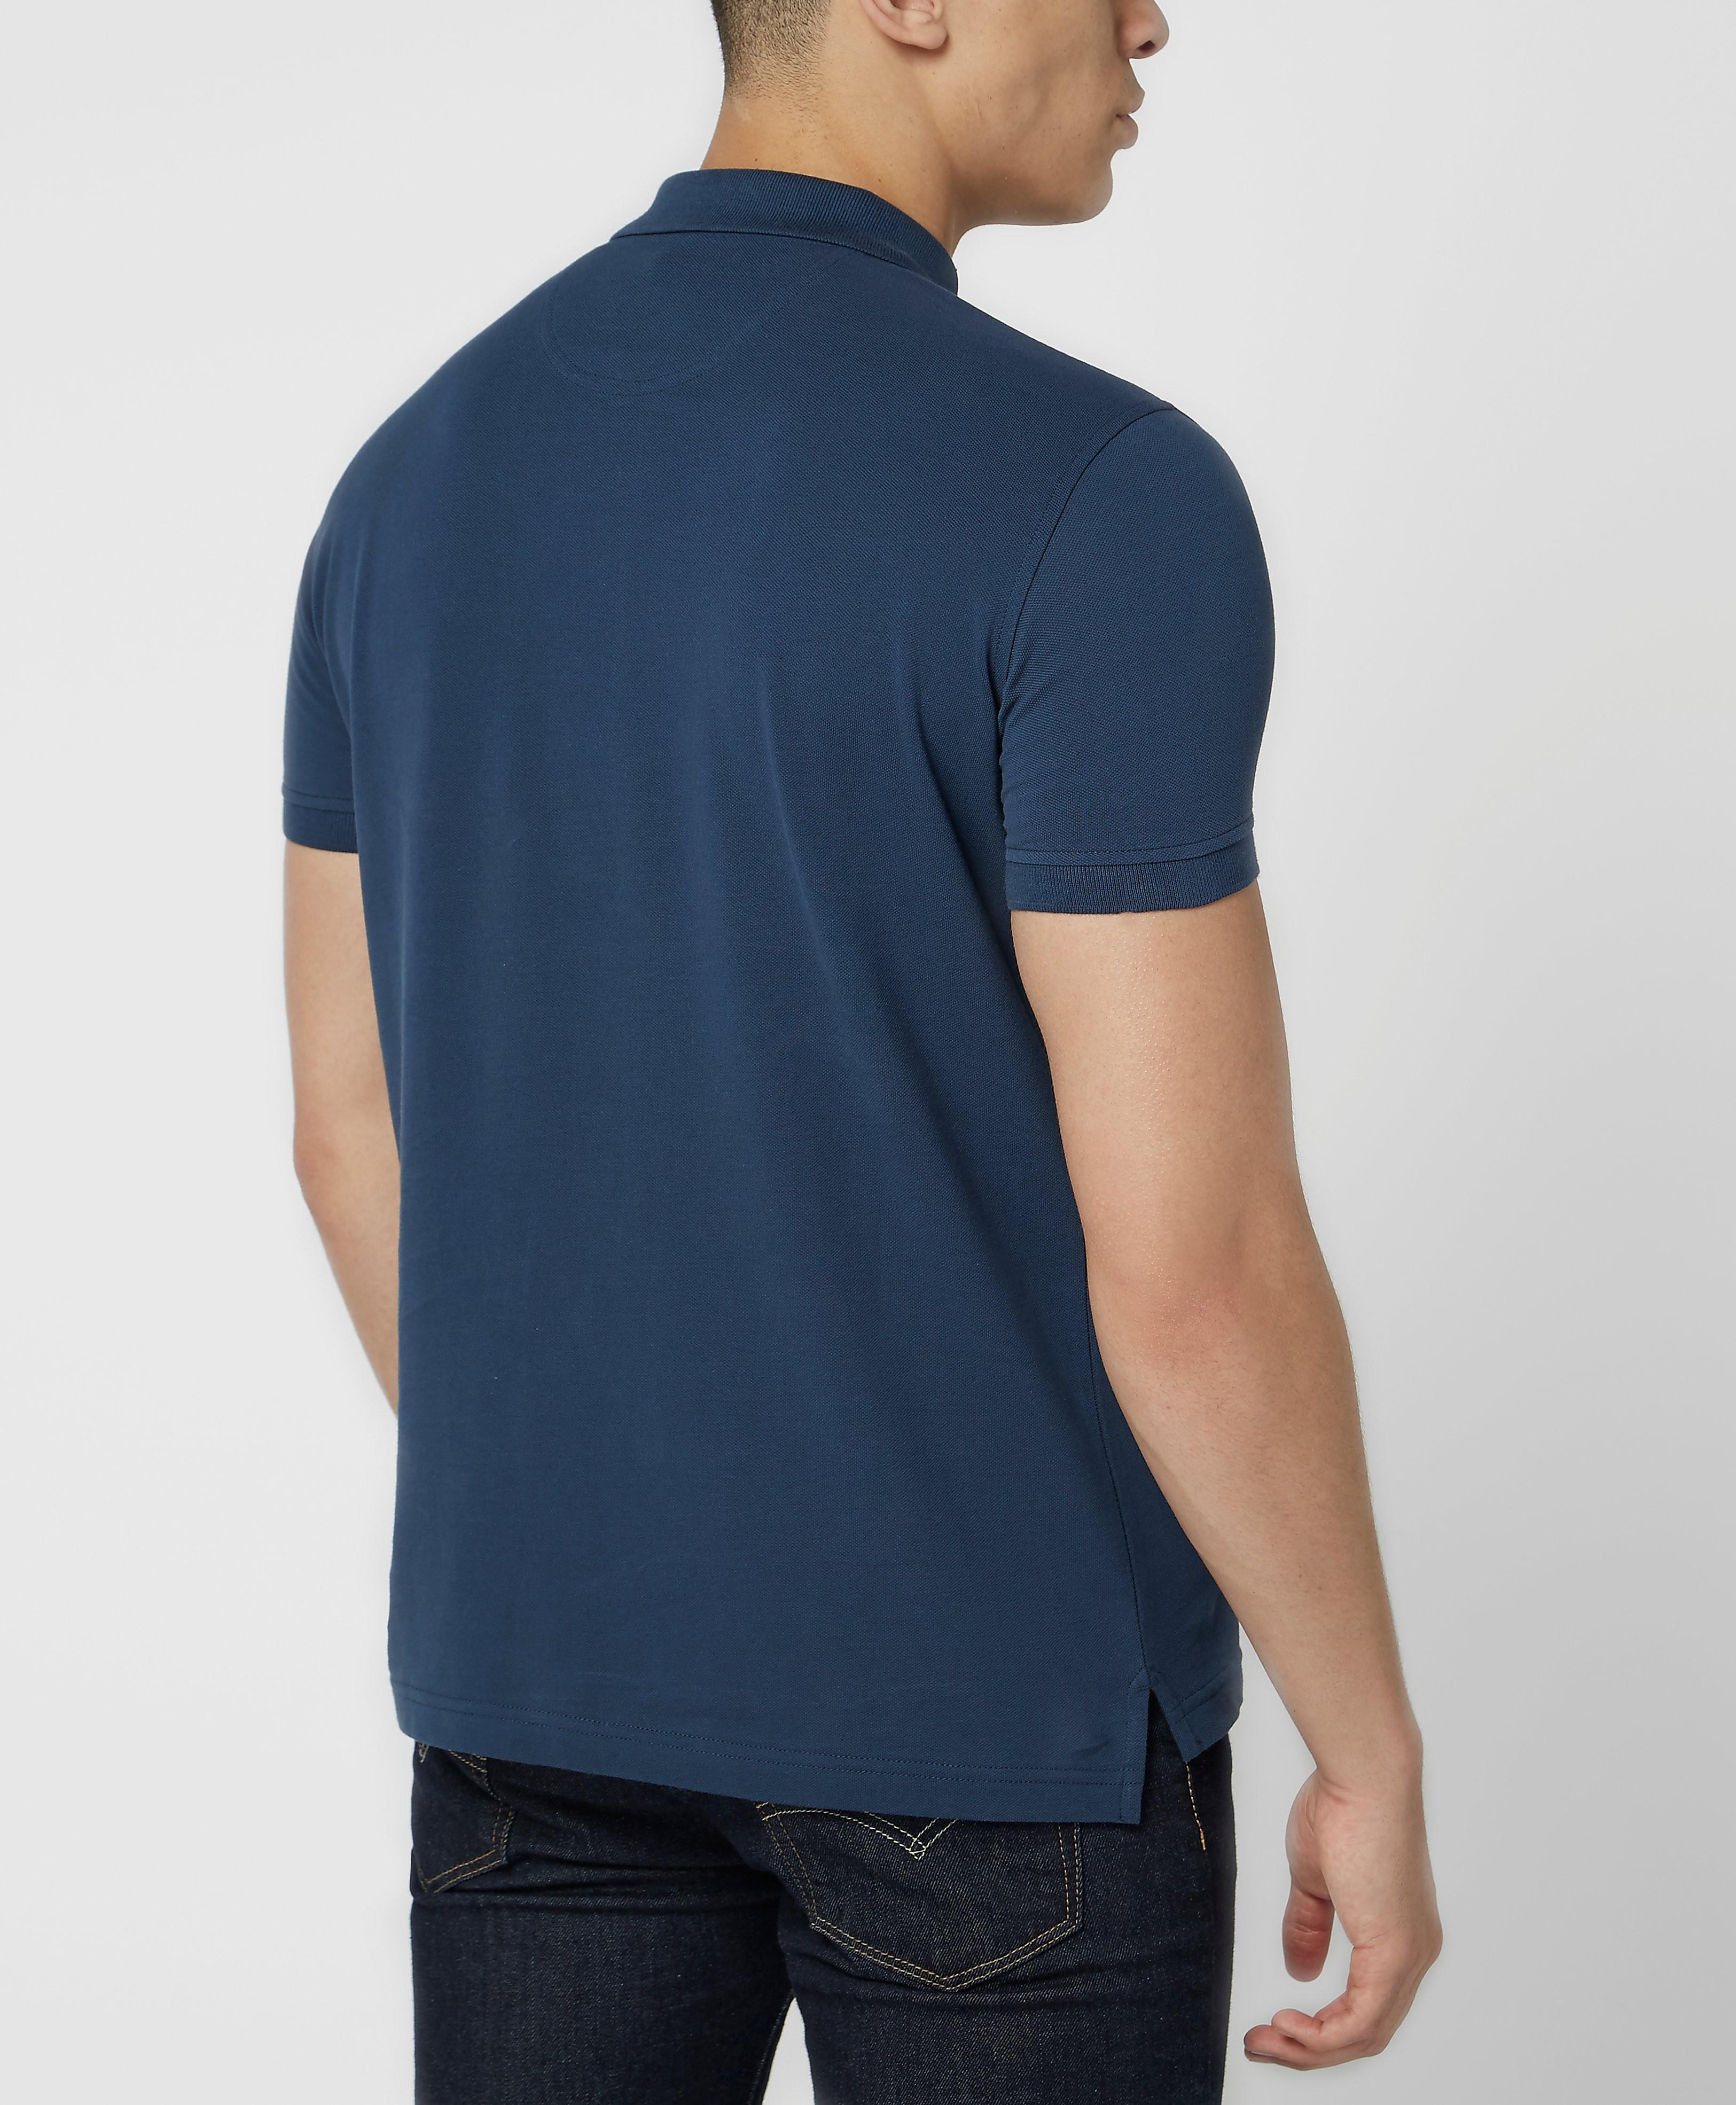 Henri Lloyd Cowes Polo Shirt